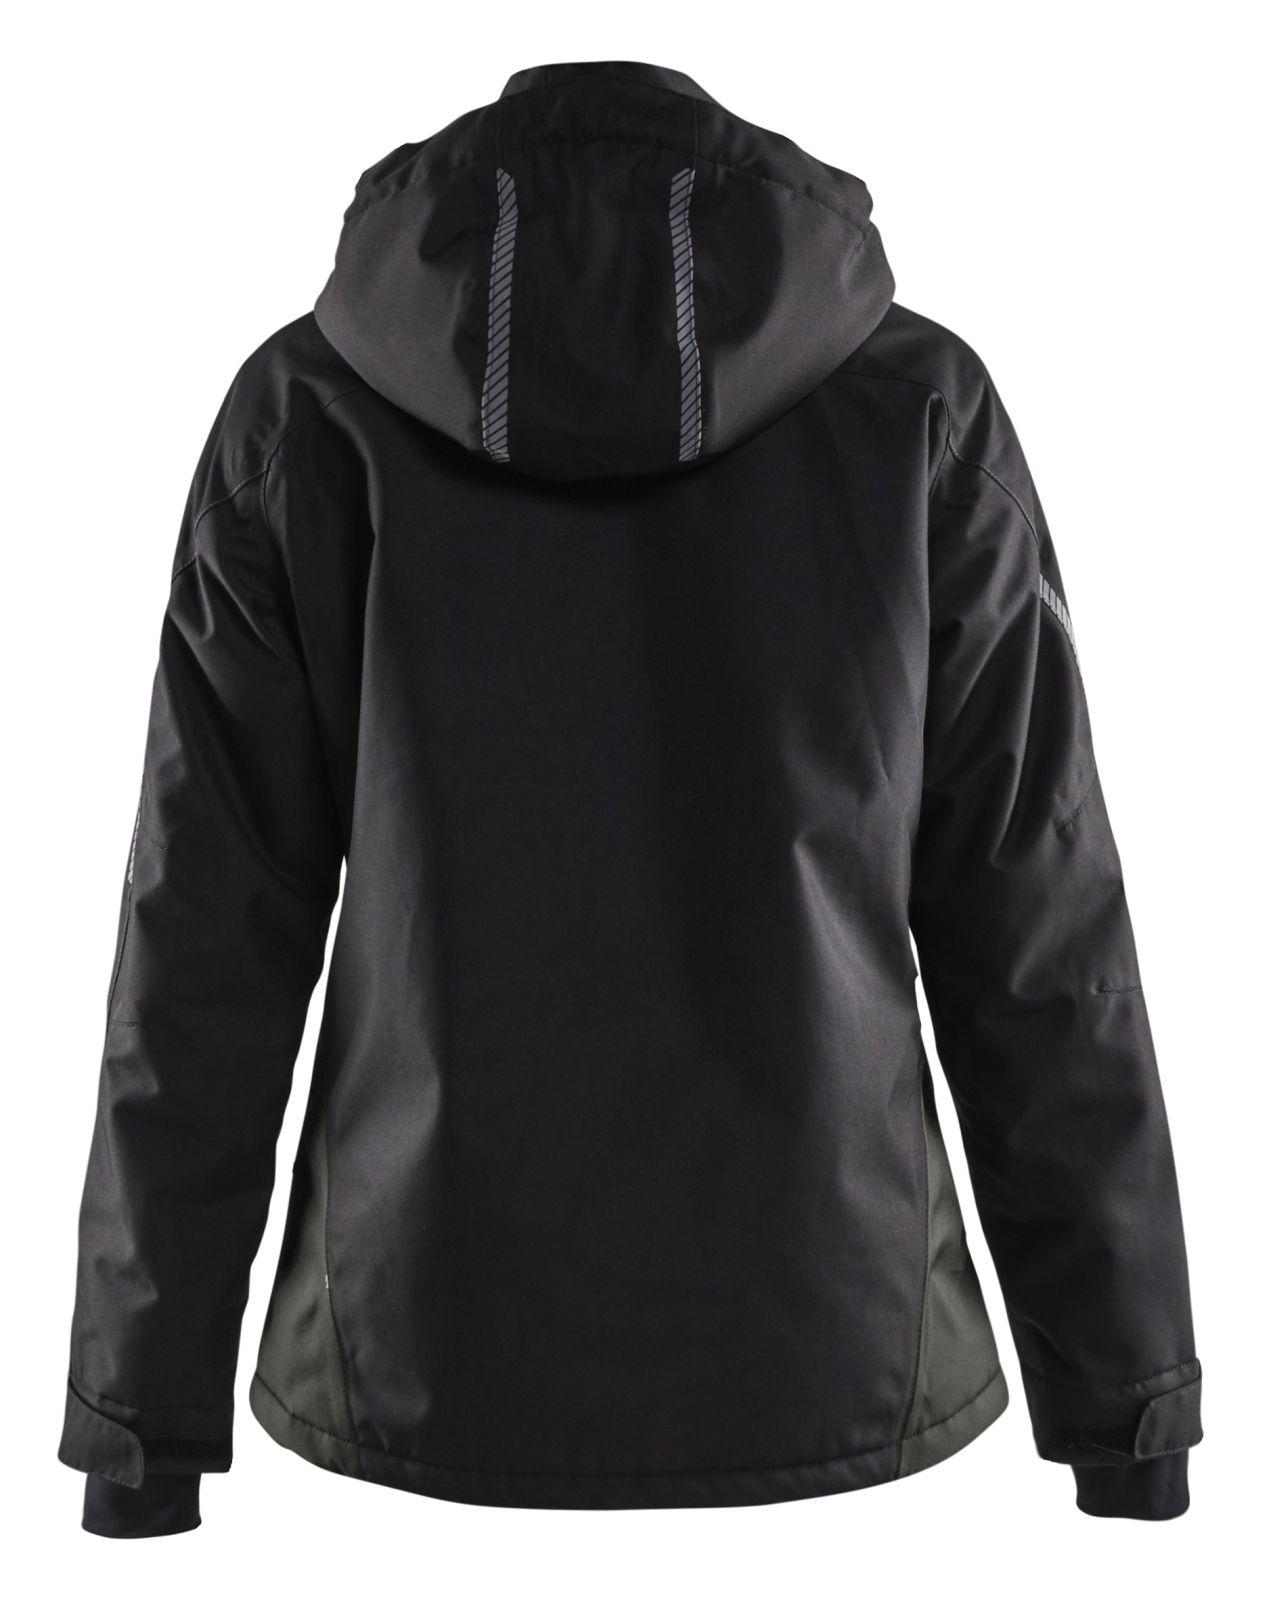 Blaklader Jassen 49721977 zwart(9900)